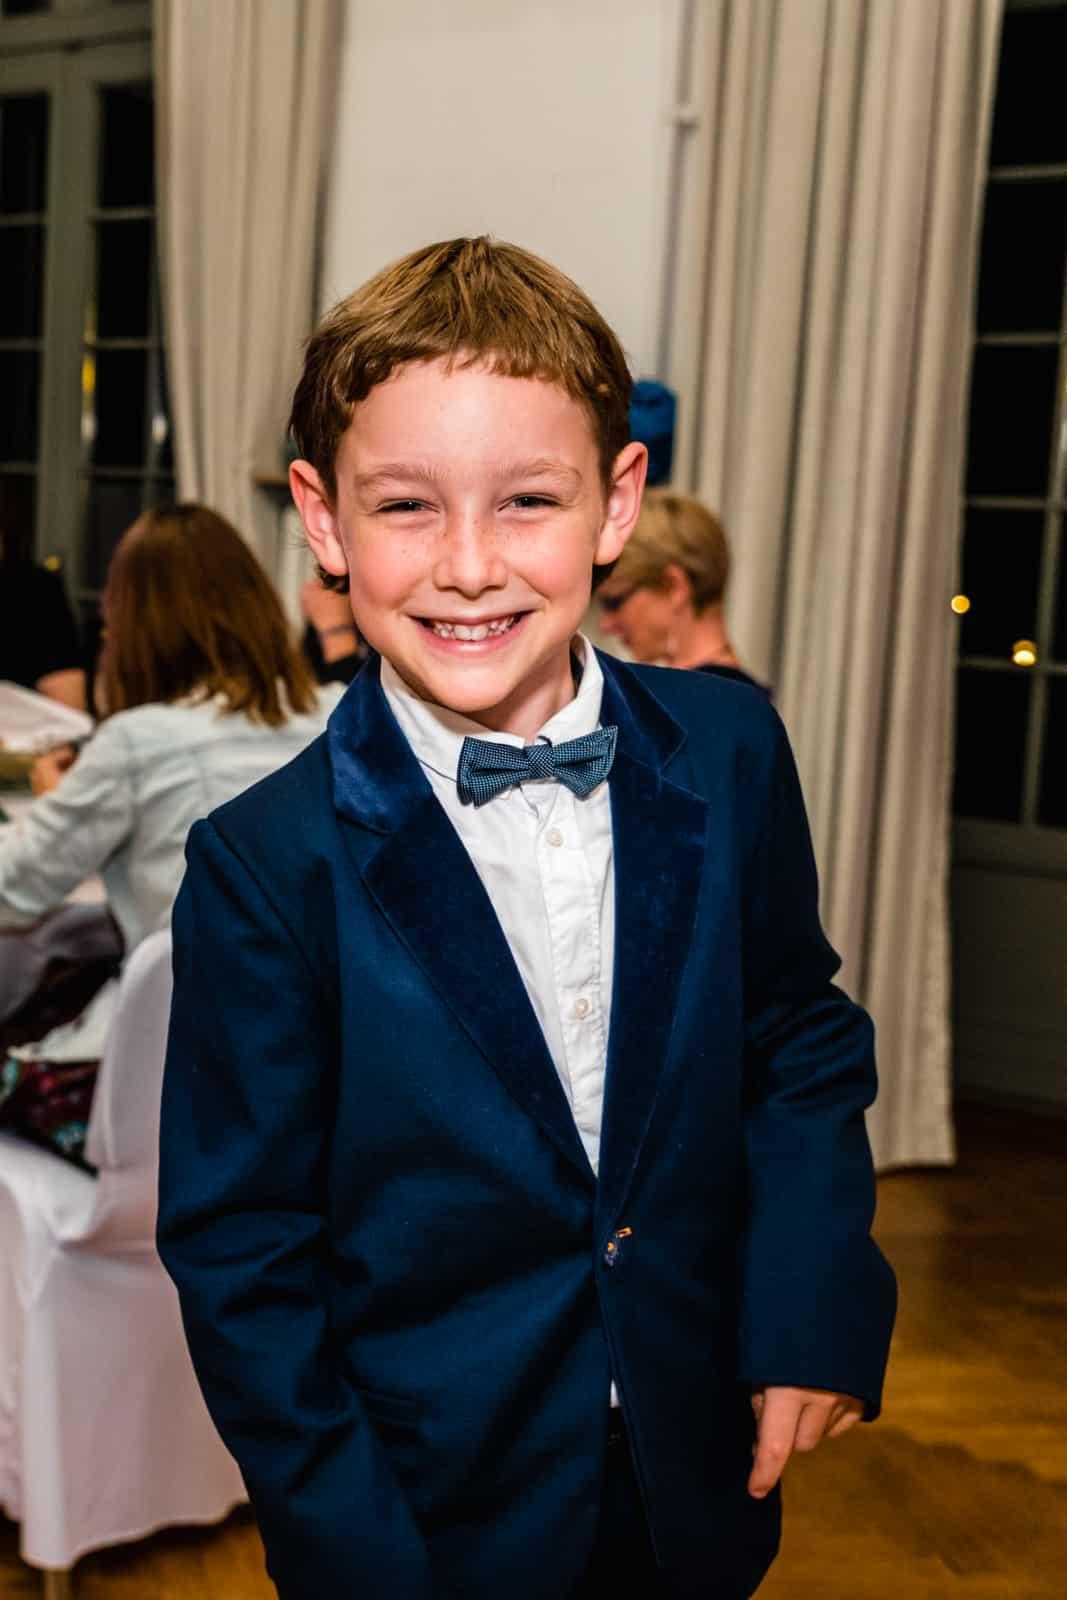 Ein Junge lacht bei einer Hochzeit in die Kamera und hat einen blauen Anzug an im Prinz-Emil-Schlösschen